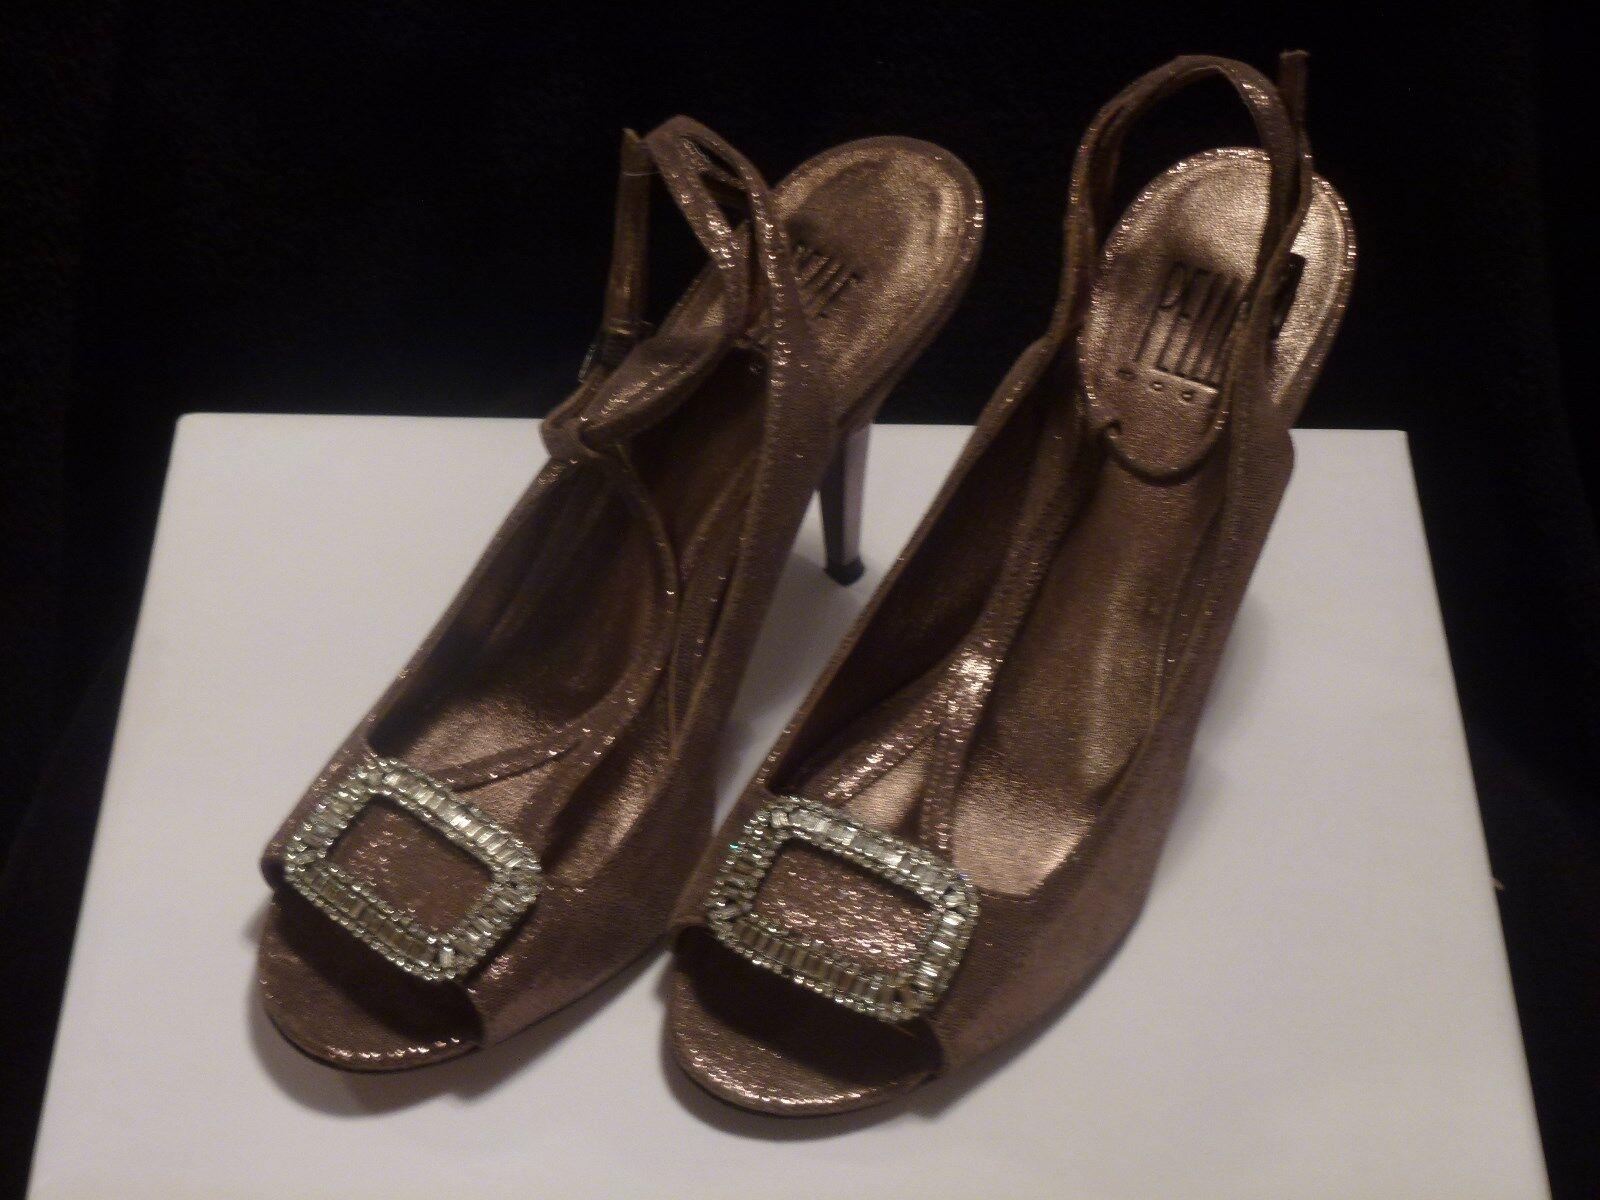 Pelle Moda damen schuhe Bronze Glittery Bronze schuhe 8 M High 3 in and Up ae6c51